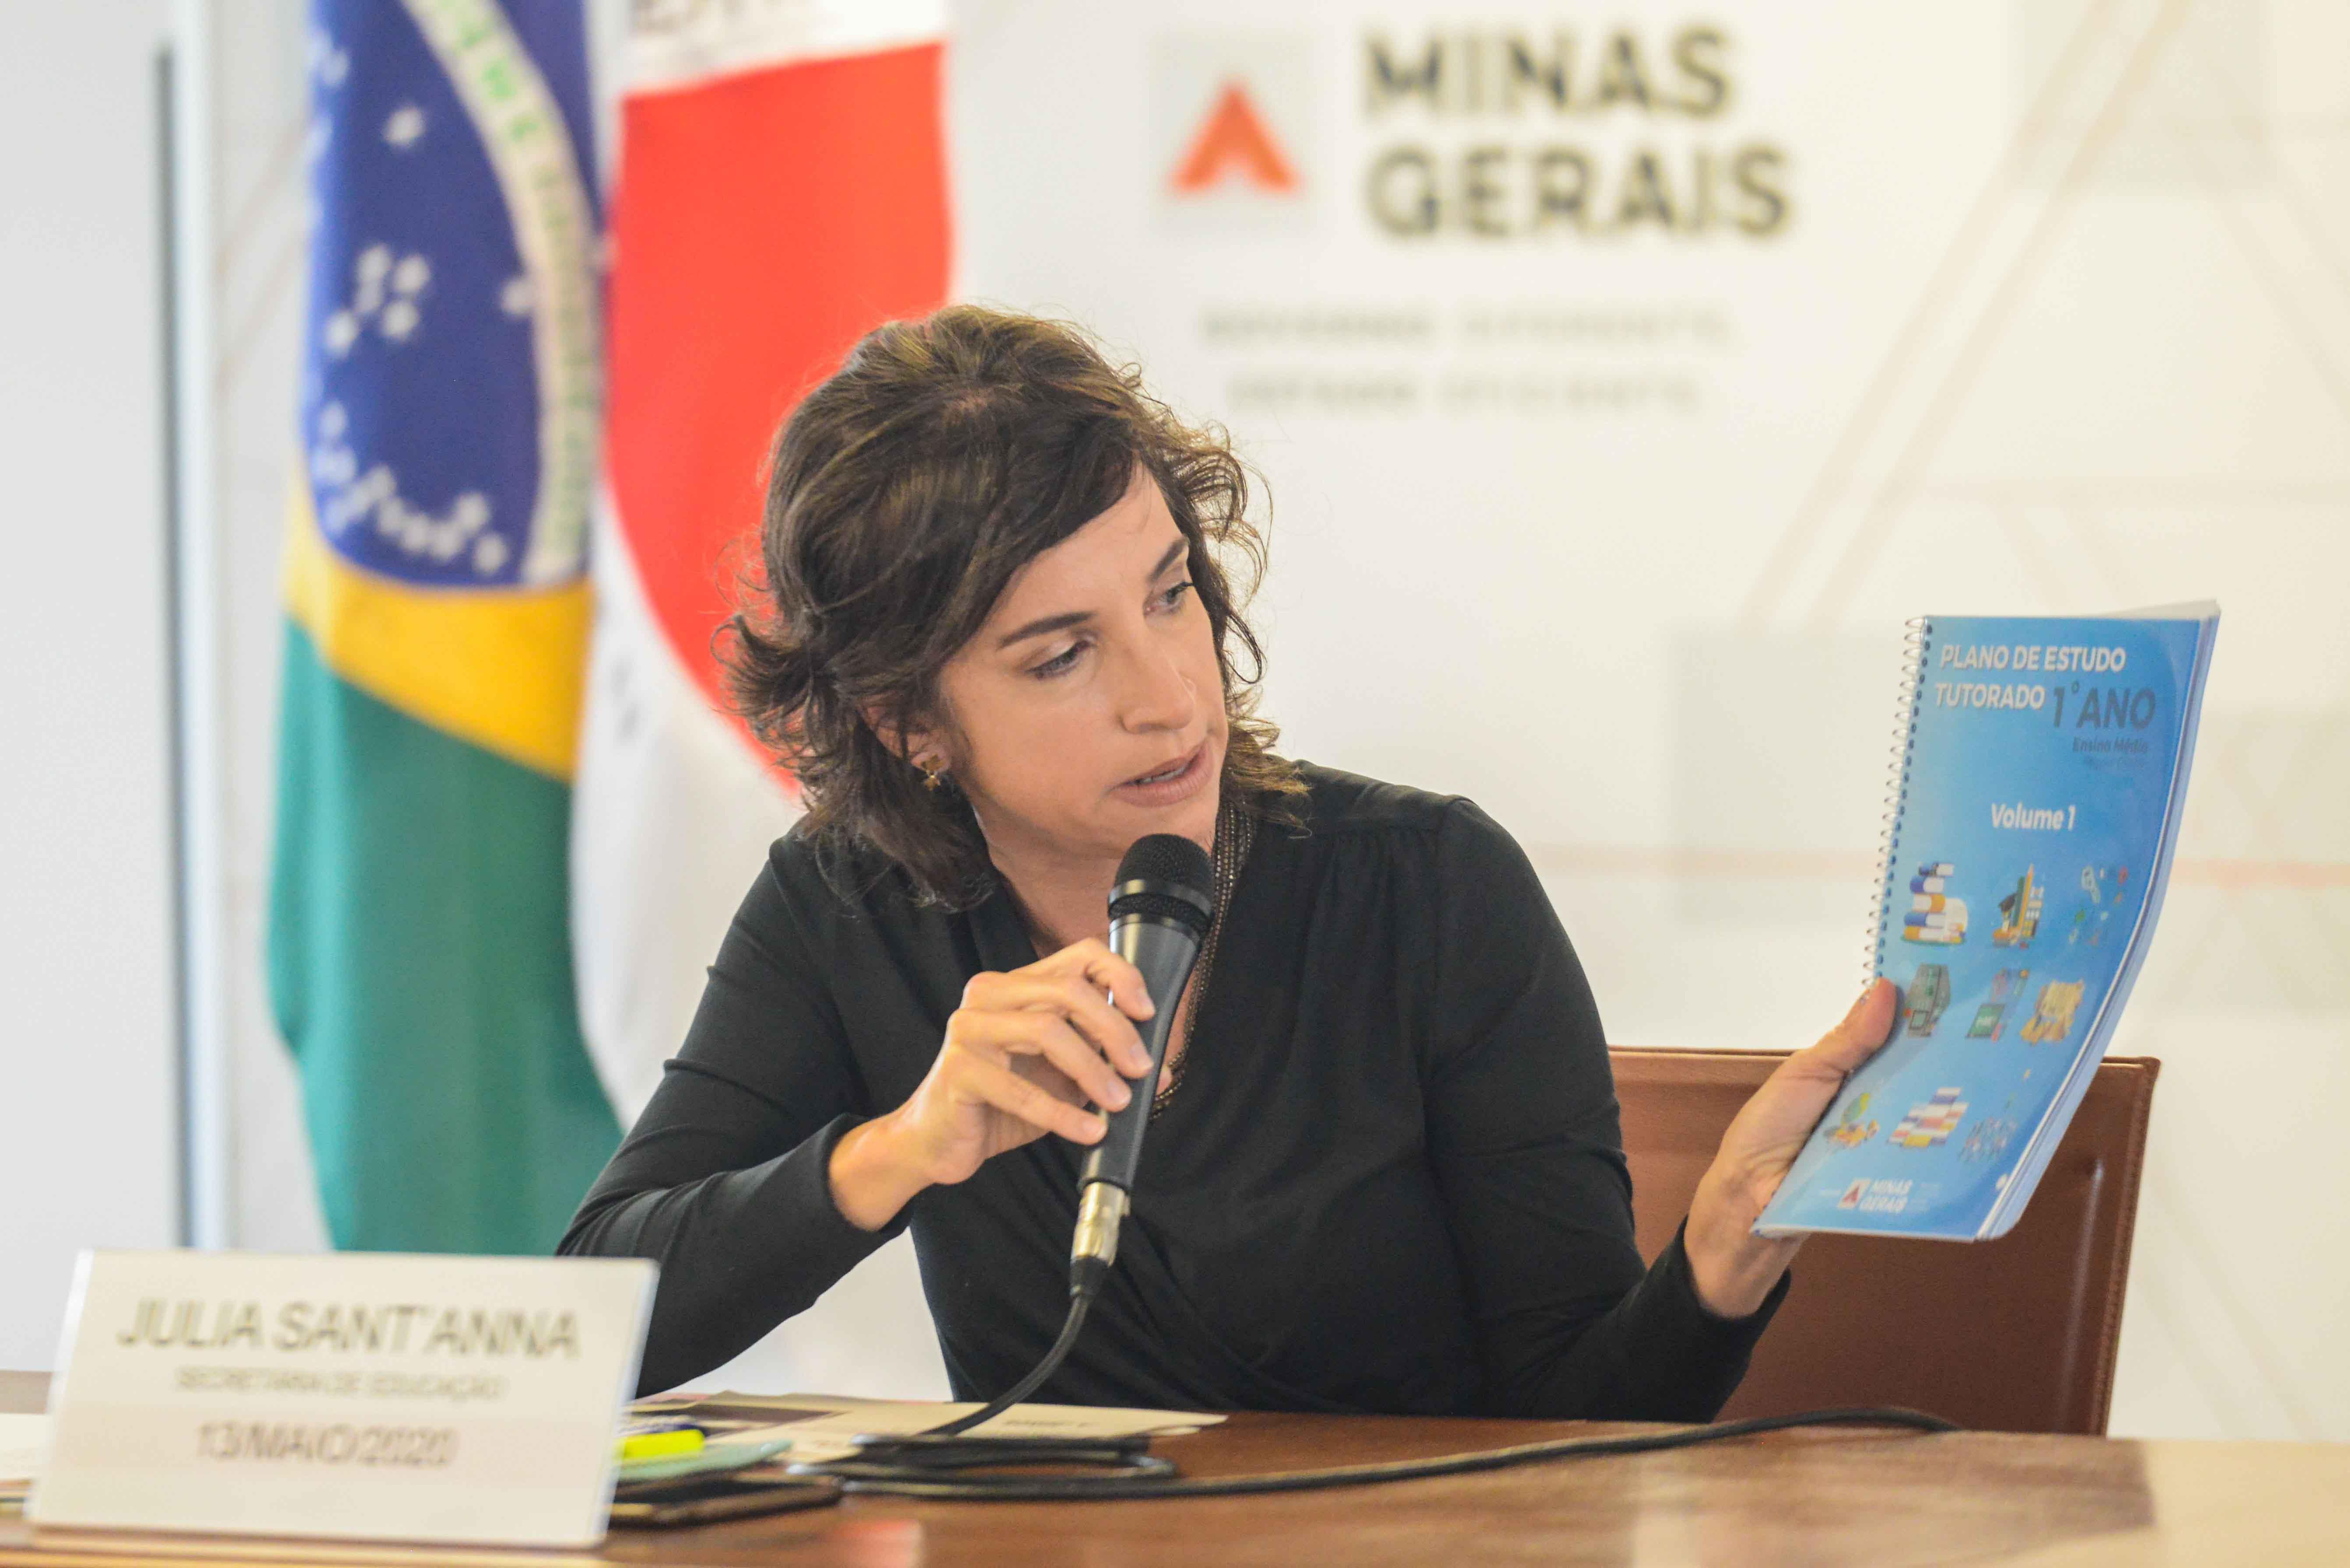 Secretária de Educação detalha Regime de Estudo não Presencial na rede estadual de ensino